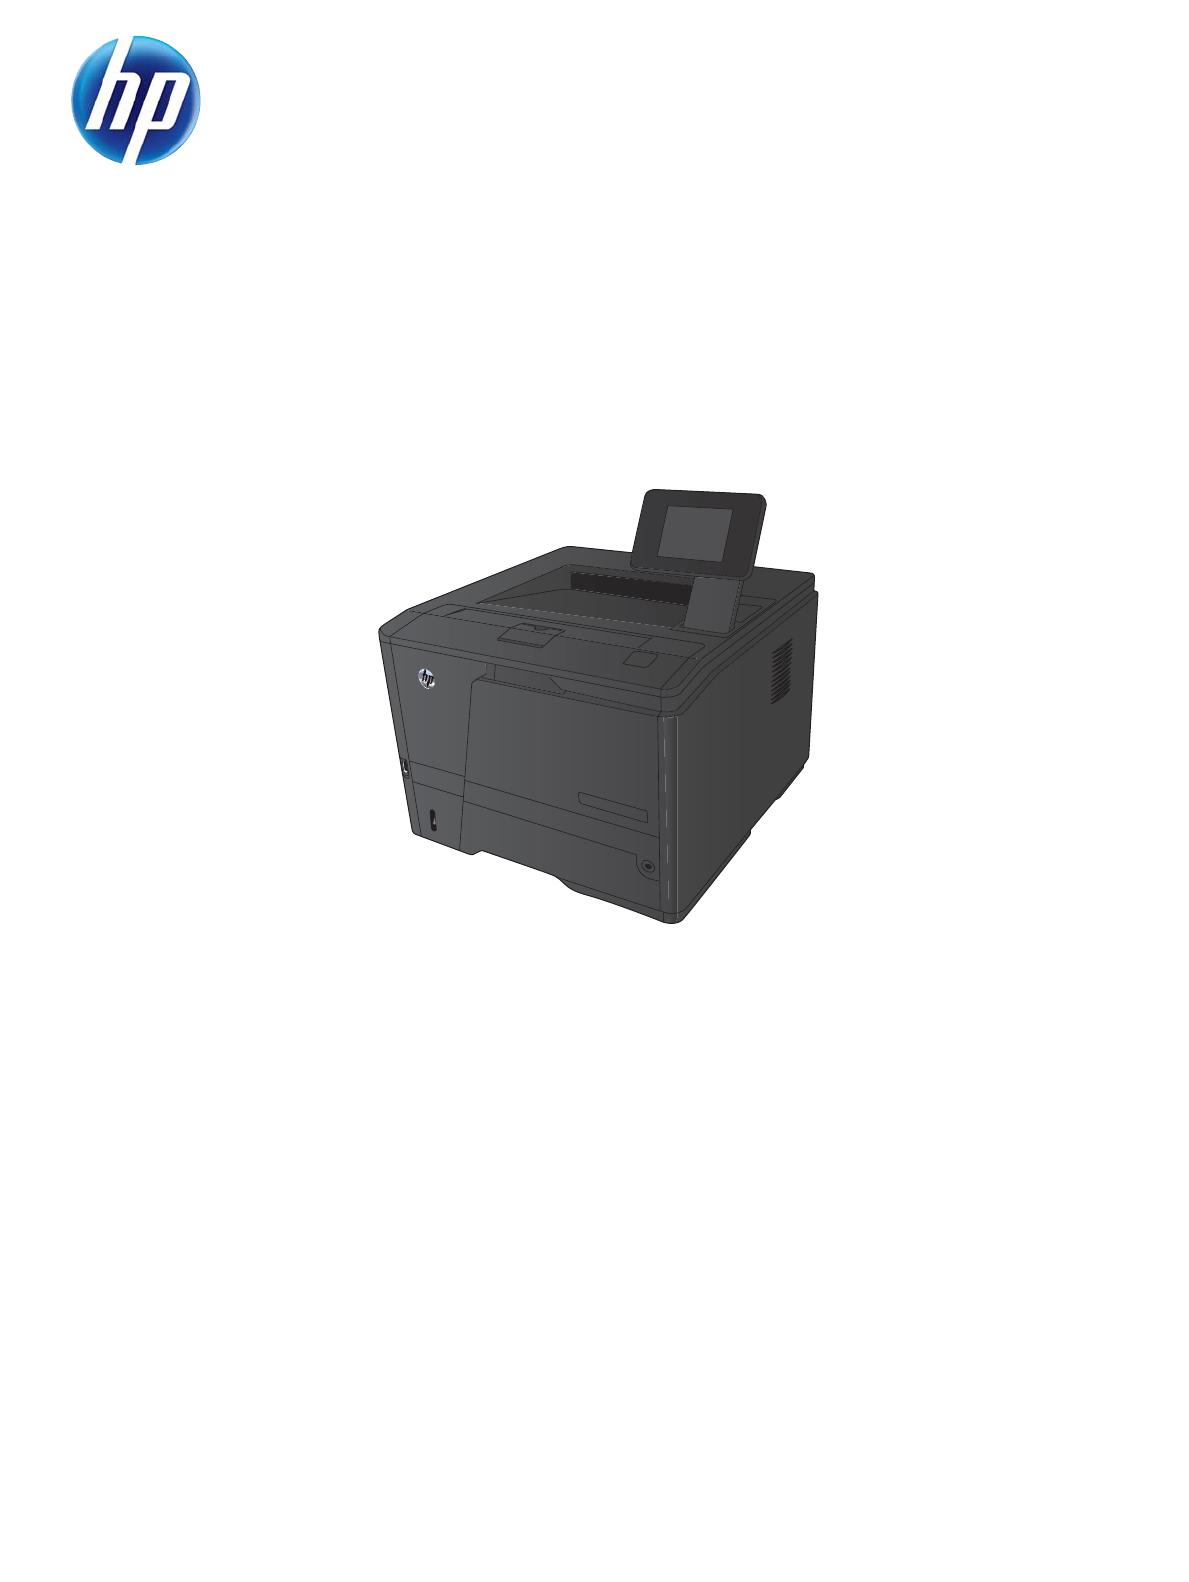 Hp Laserjet Pro 400 M401 Printer Series Repair Manual Enww